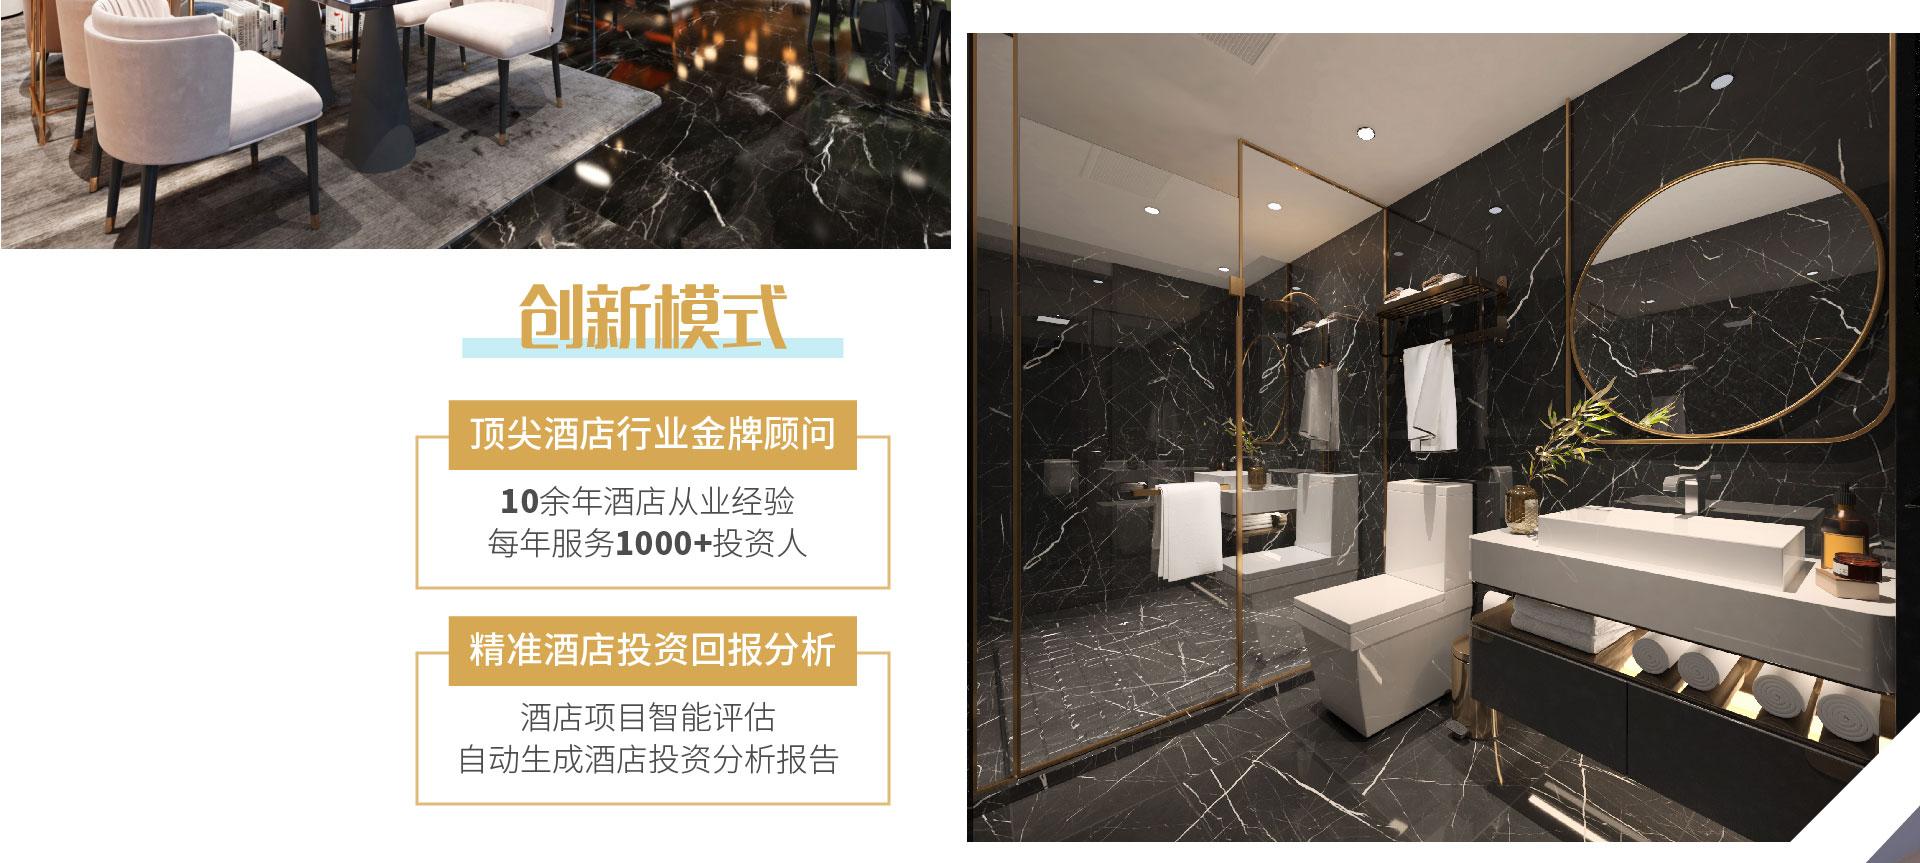 酒店投资·中国jdtz_05